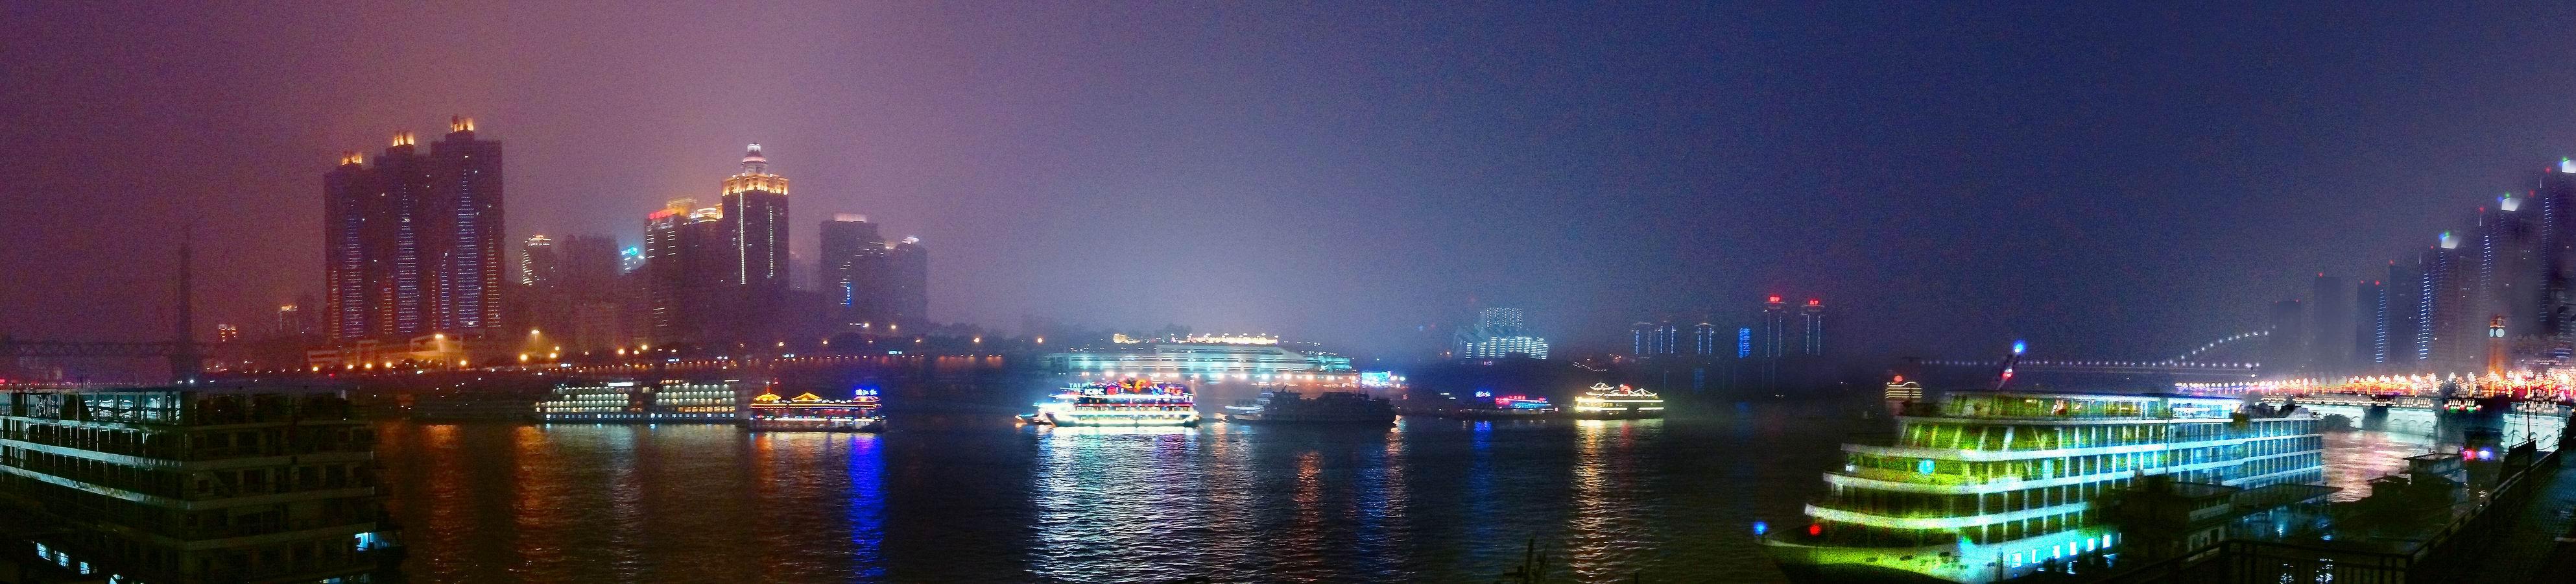 西南明珠. 渝中半岛夜景